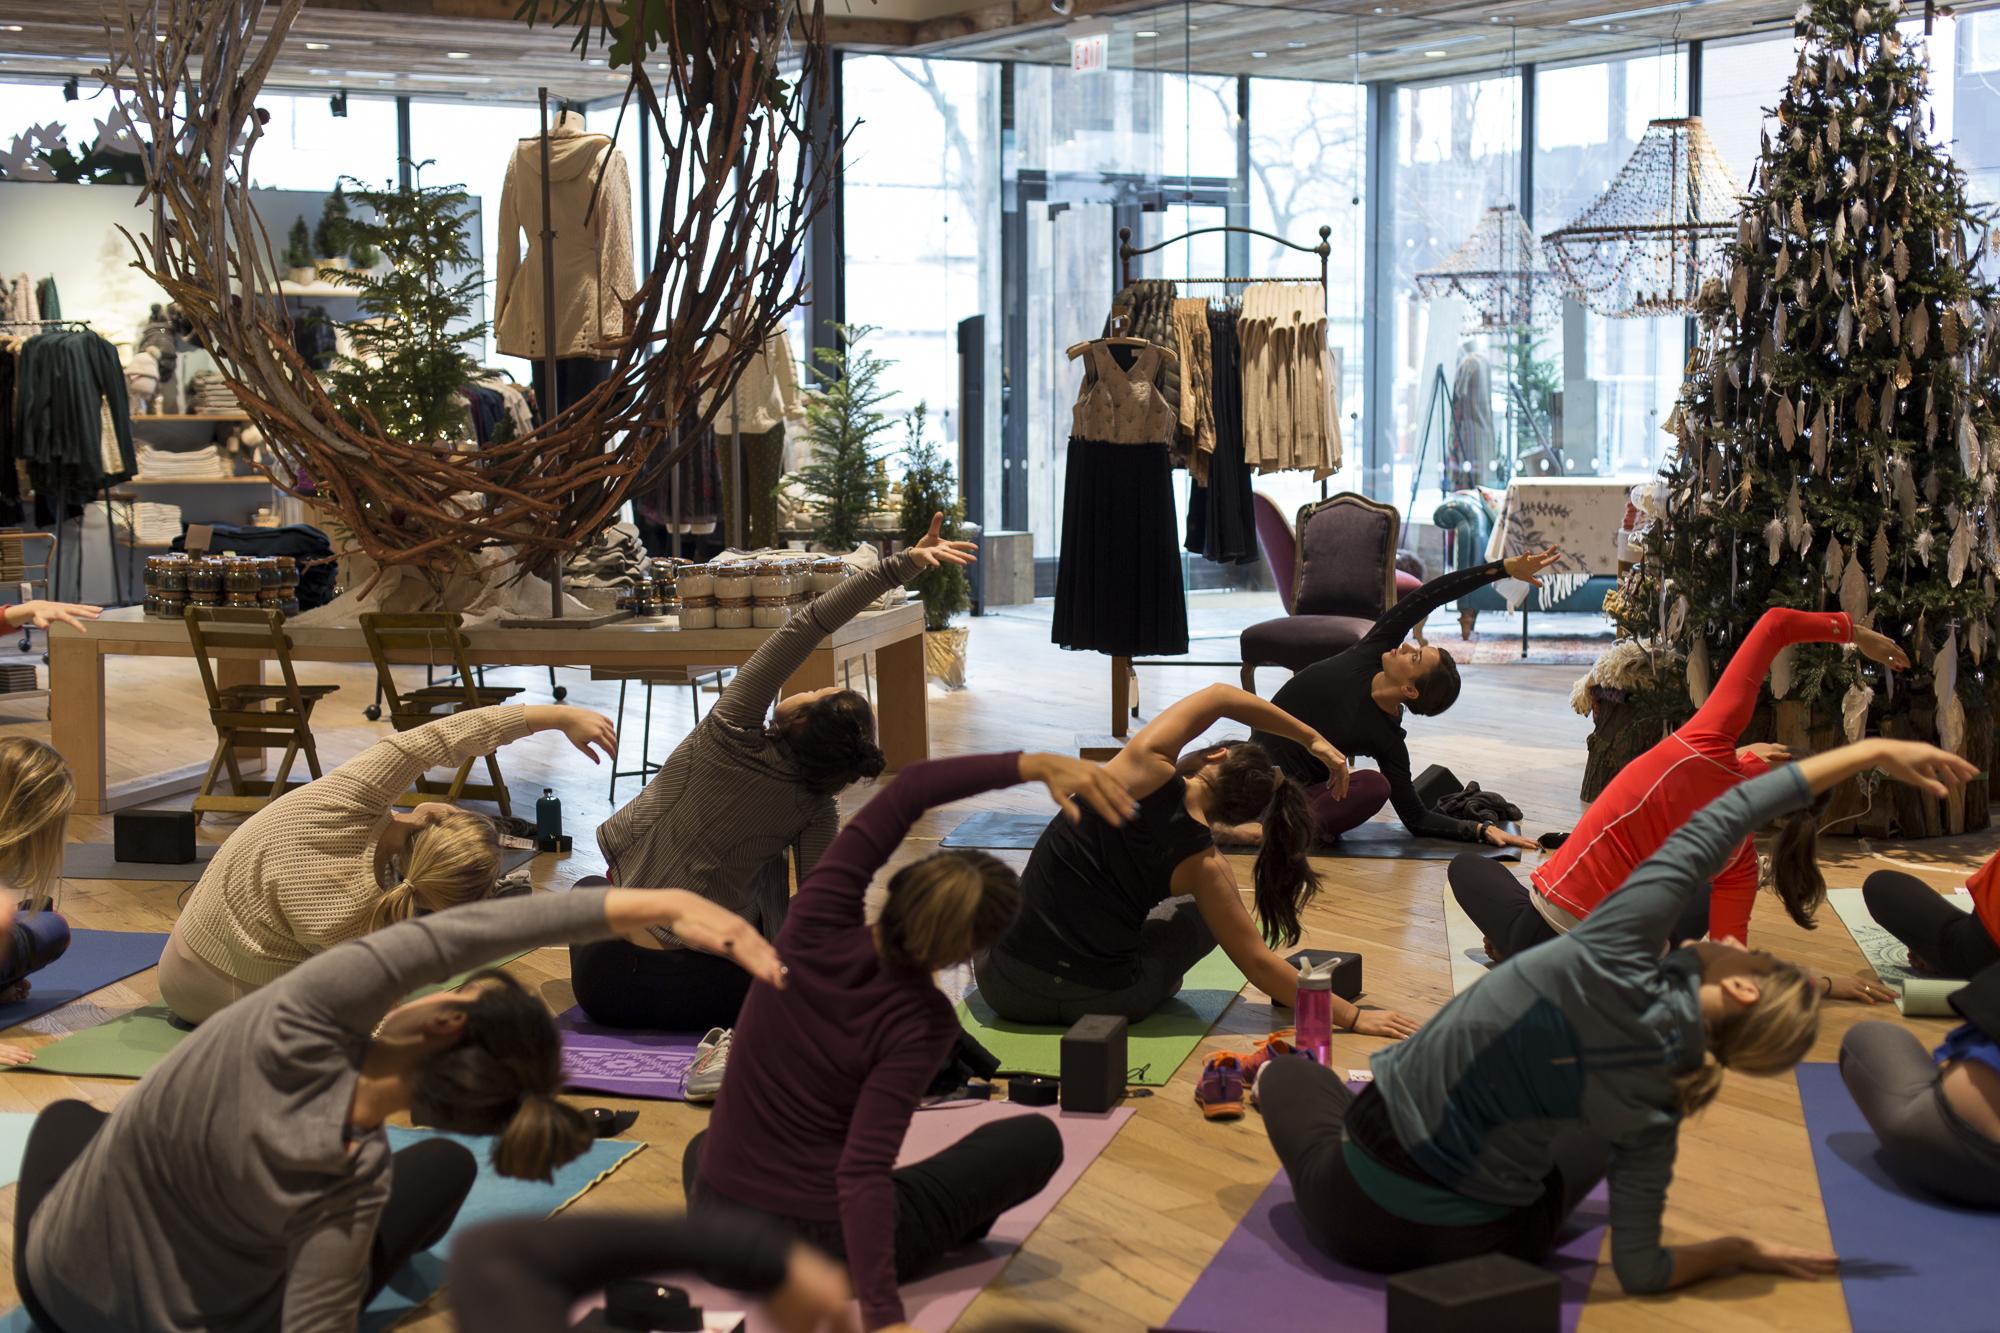 yoga-plus-anthropologie-seasonal-styling-workshop-339.jpg